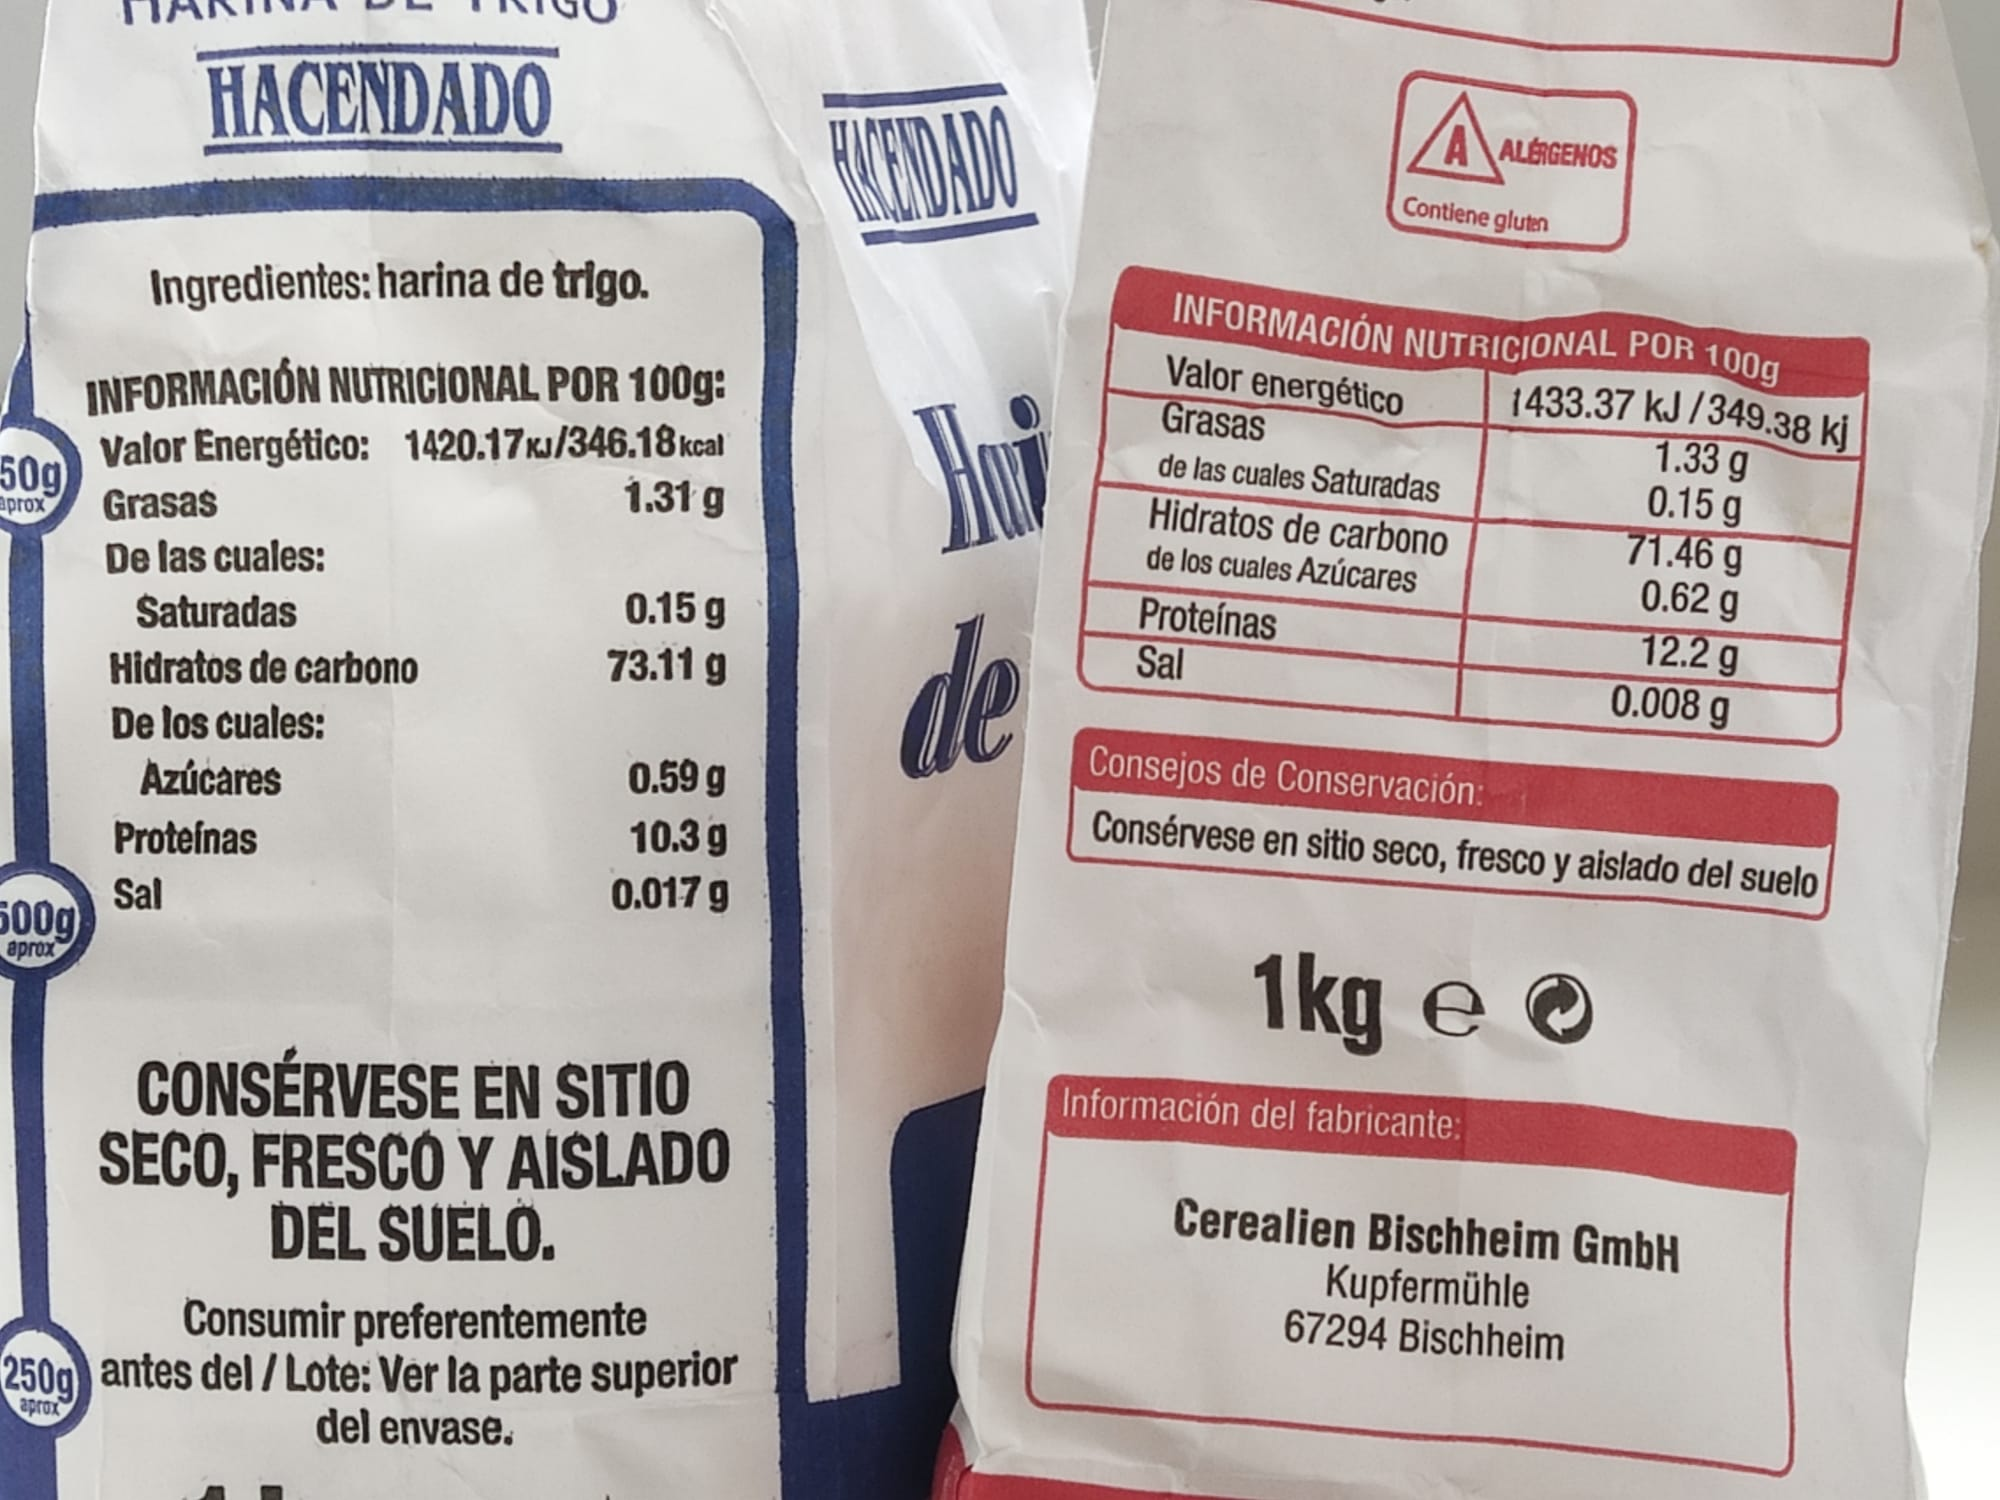 Cuestión de proteínas. Harinas de trigo que puedes encontrar en el supermercado. Las dos de la foto son de Mercadean y su principal diferencia es la cantidad de proteína. ¿Adivinas cuál es la normal y cuál la de fuerza? Pues eso.